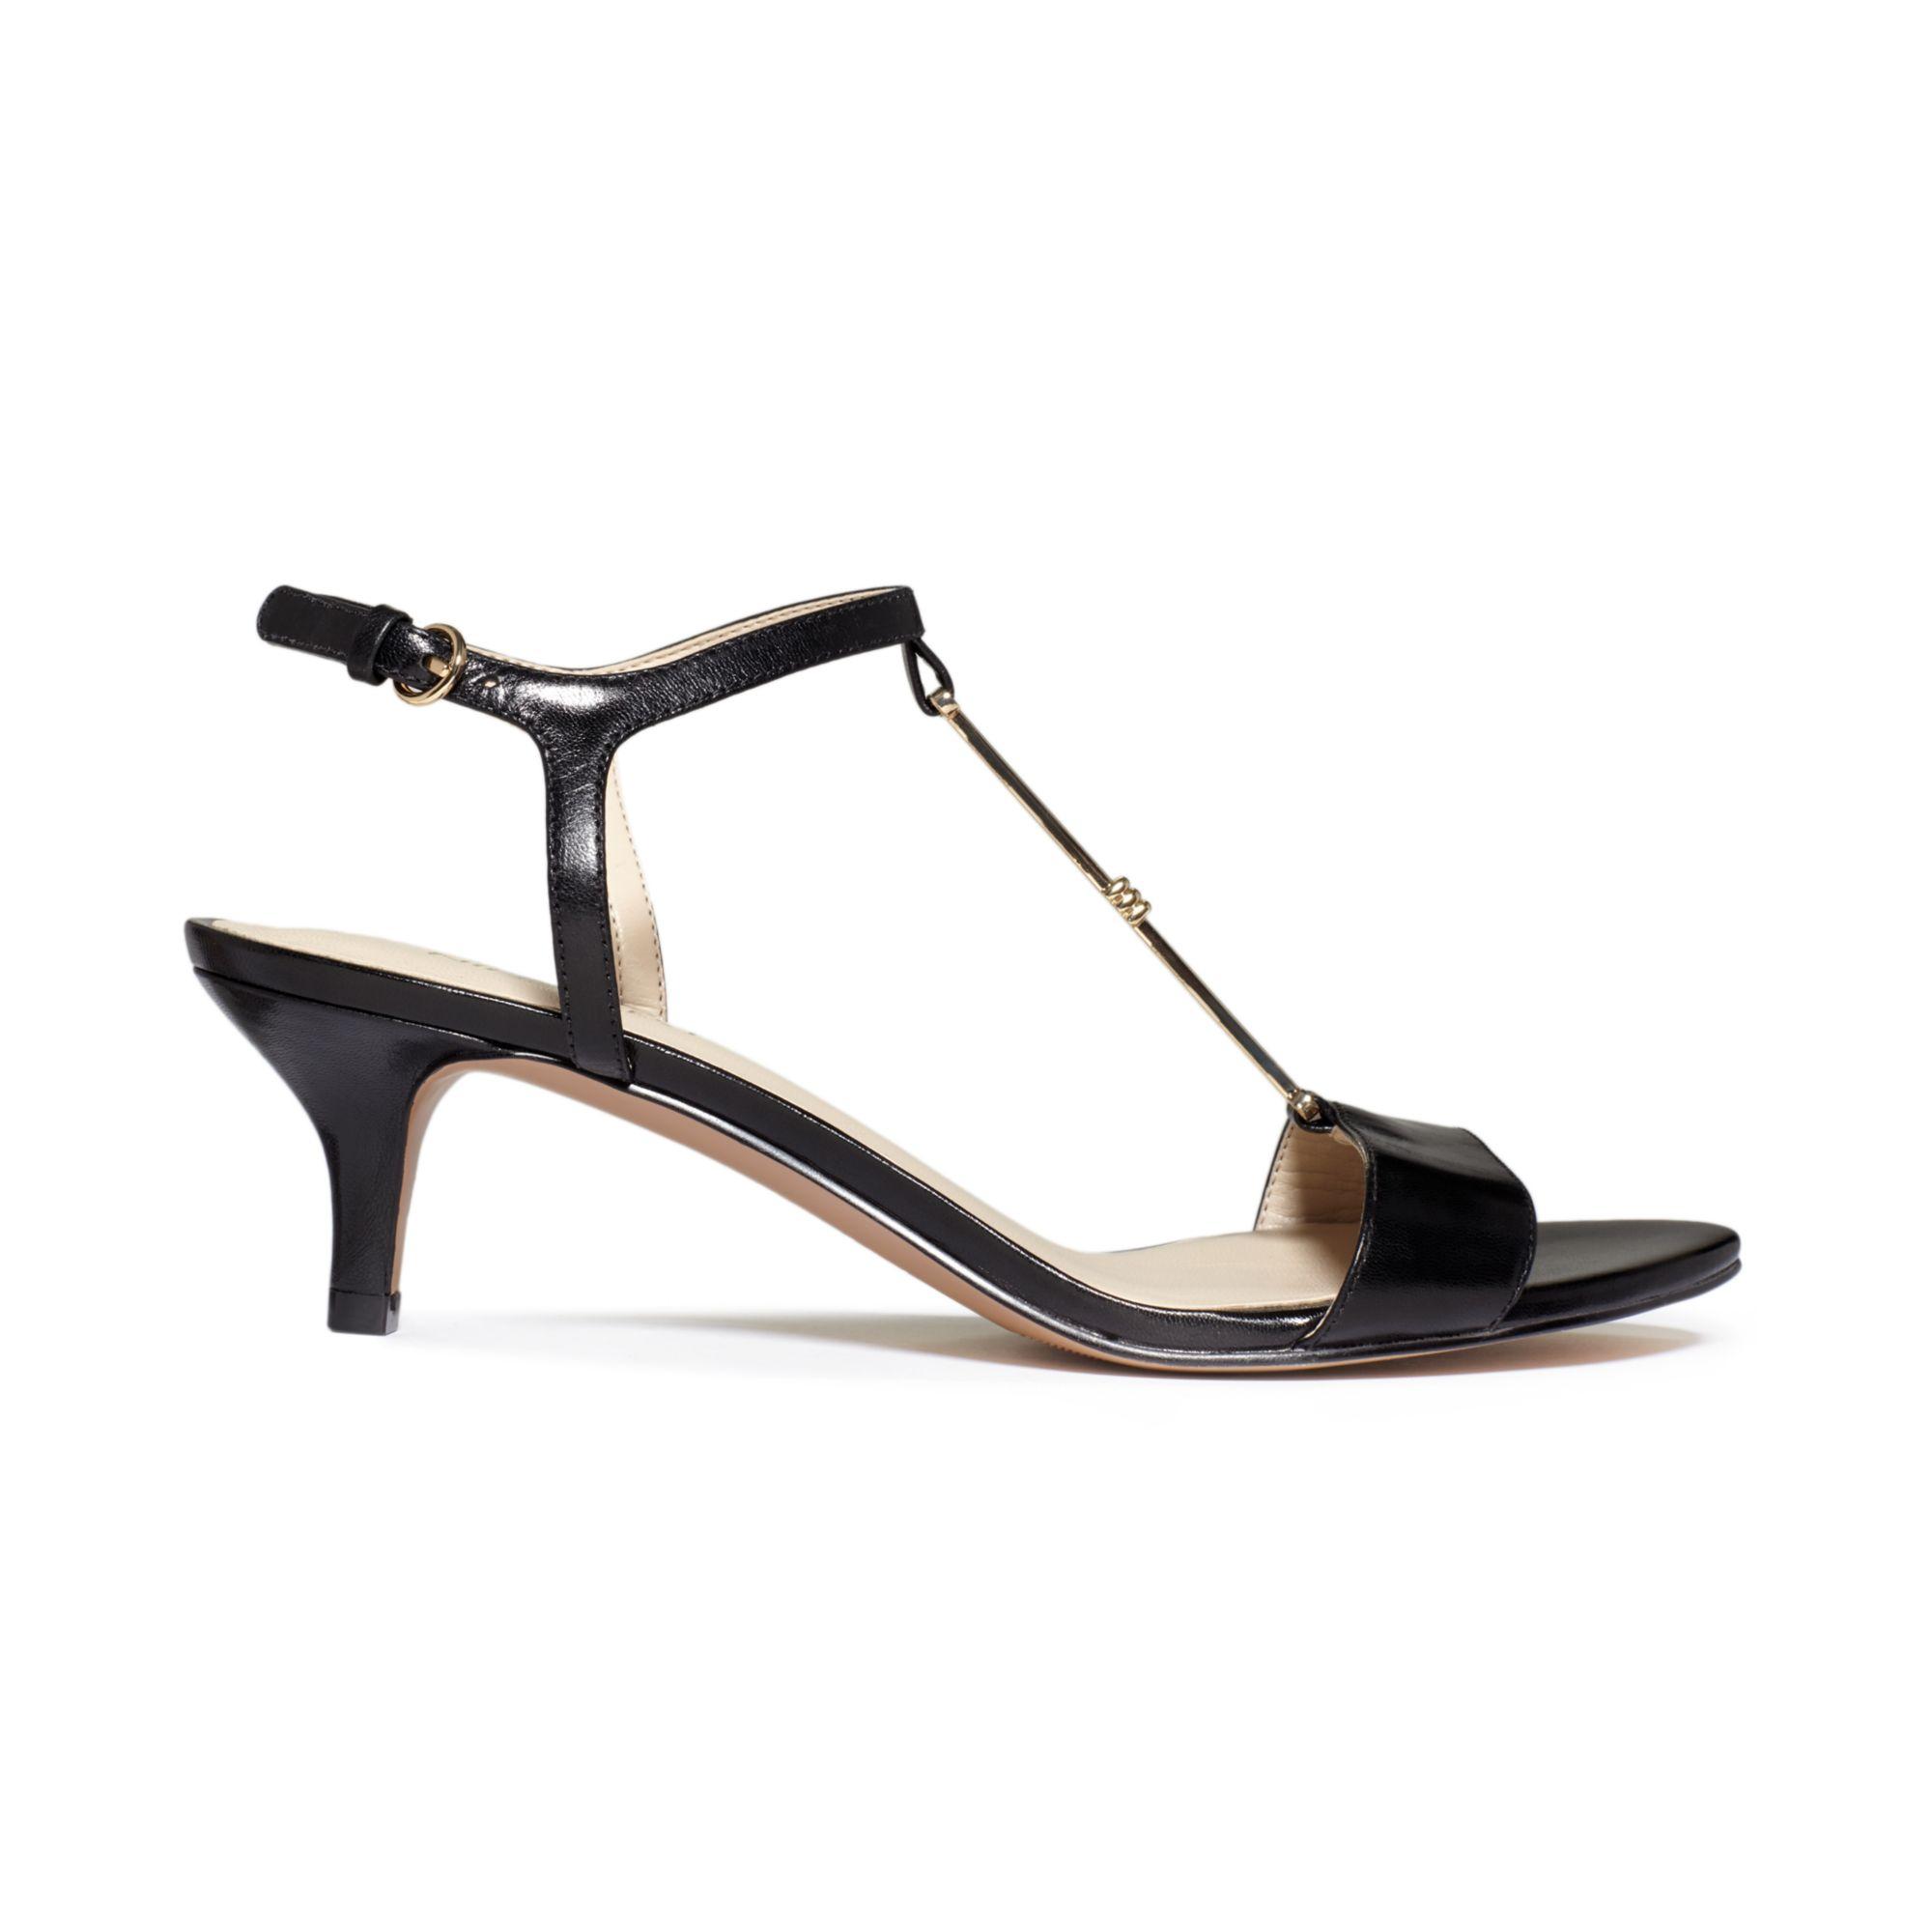 Nine west Yeelied T-Strap Kitten Heel Sandals in Black | Lyst